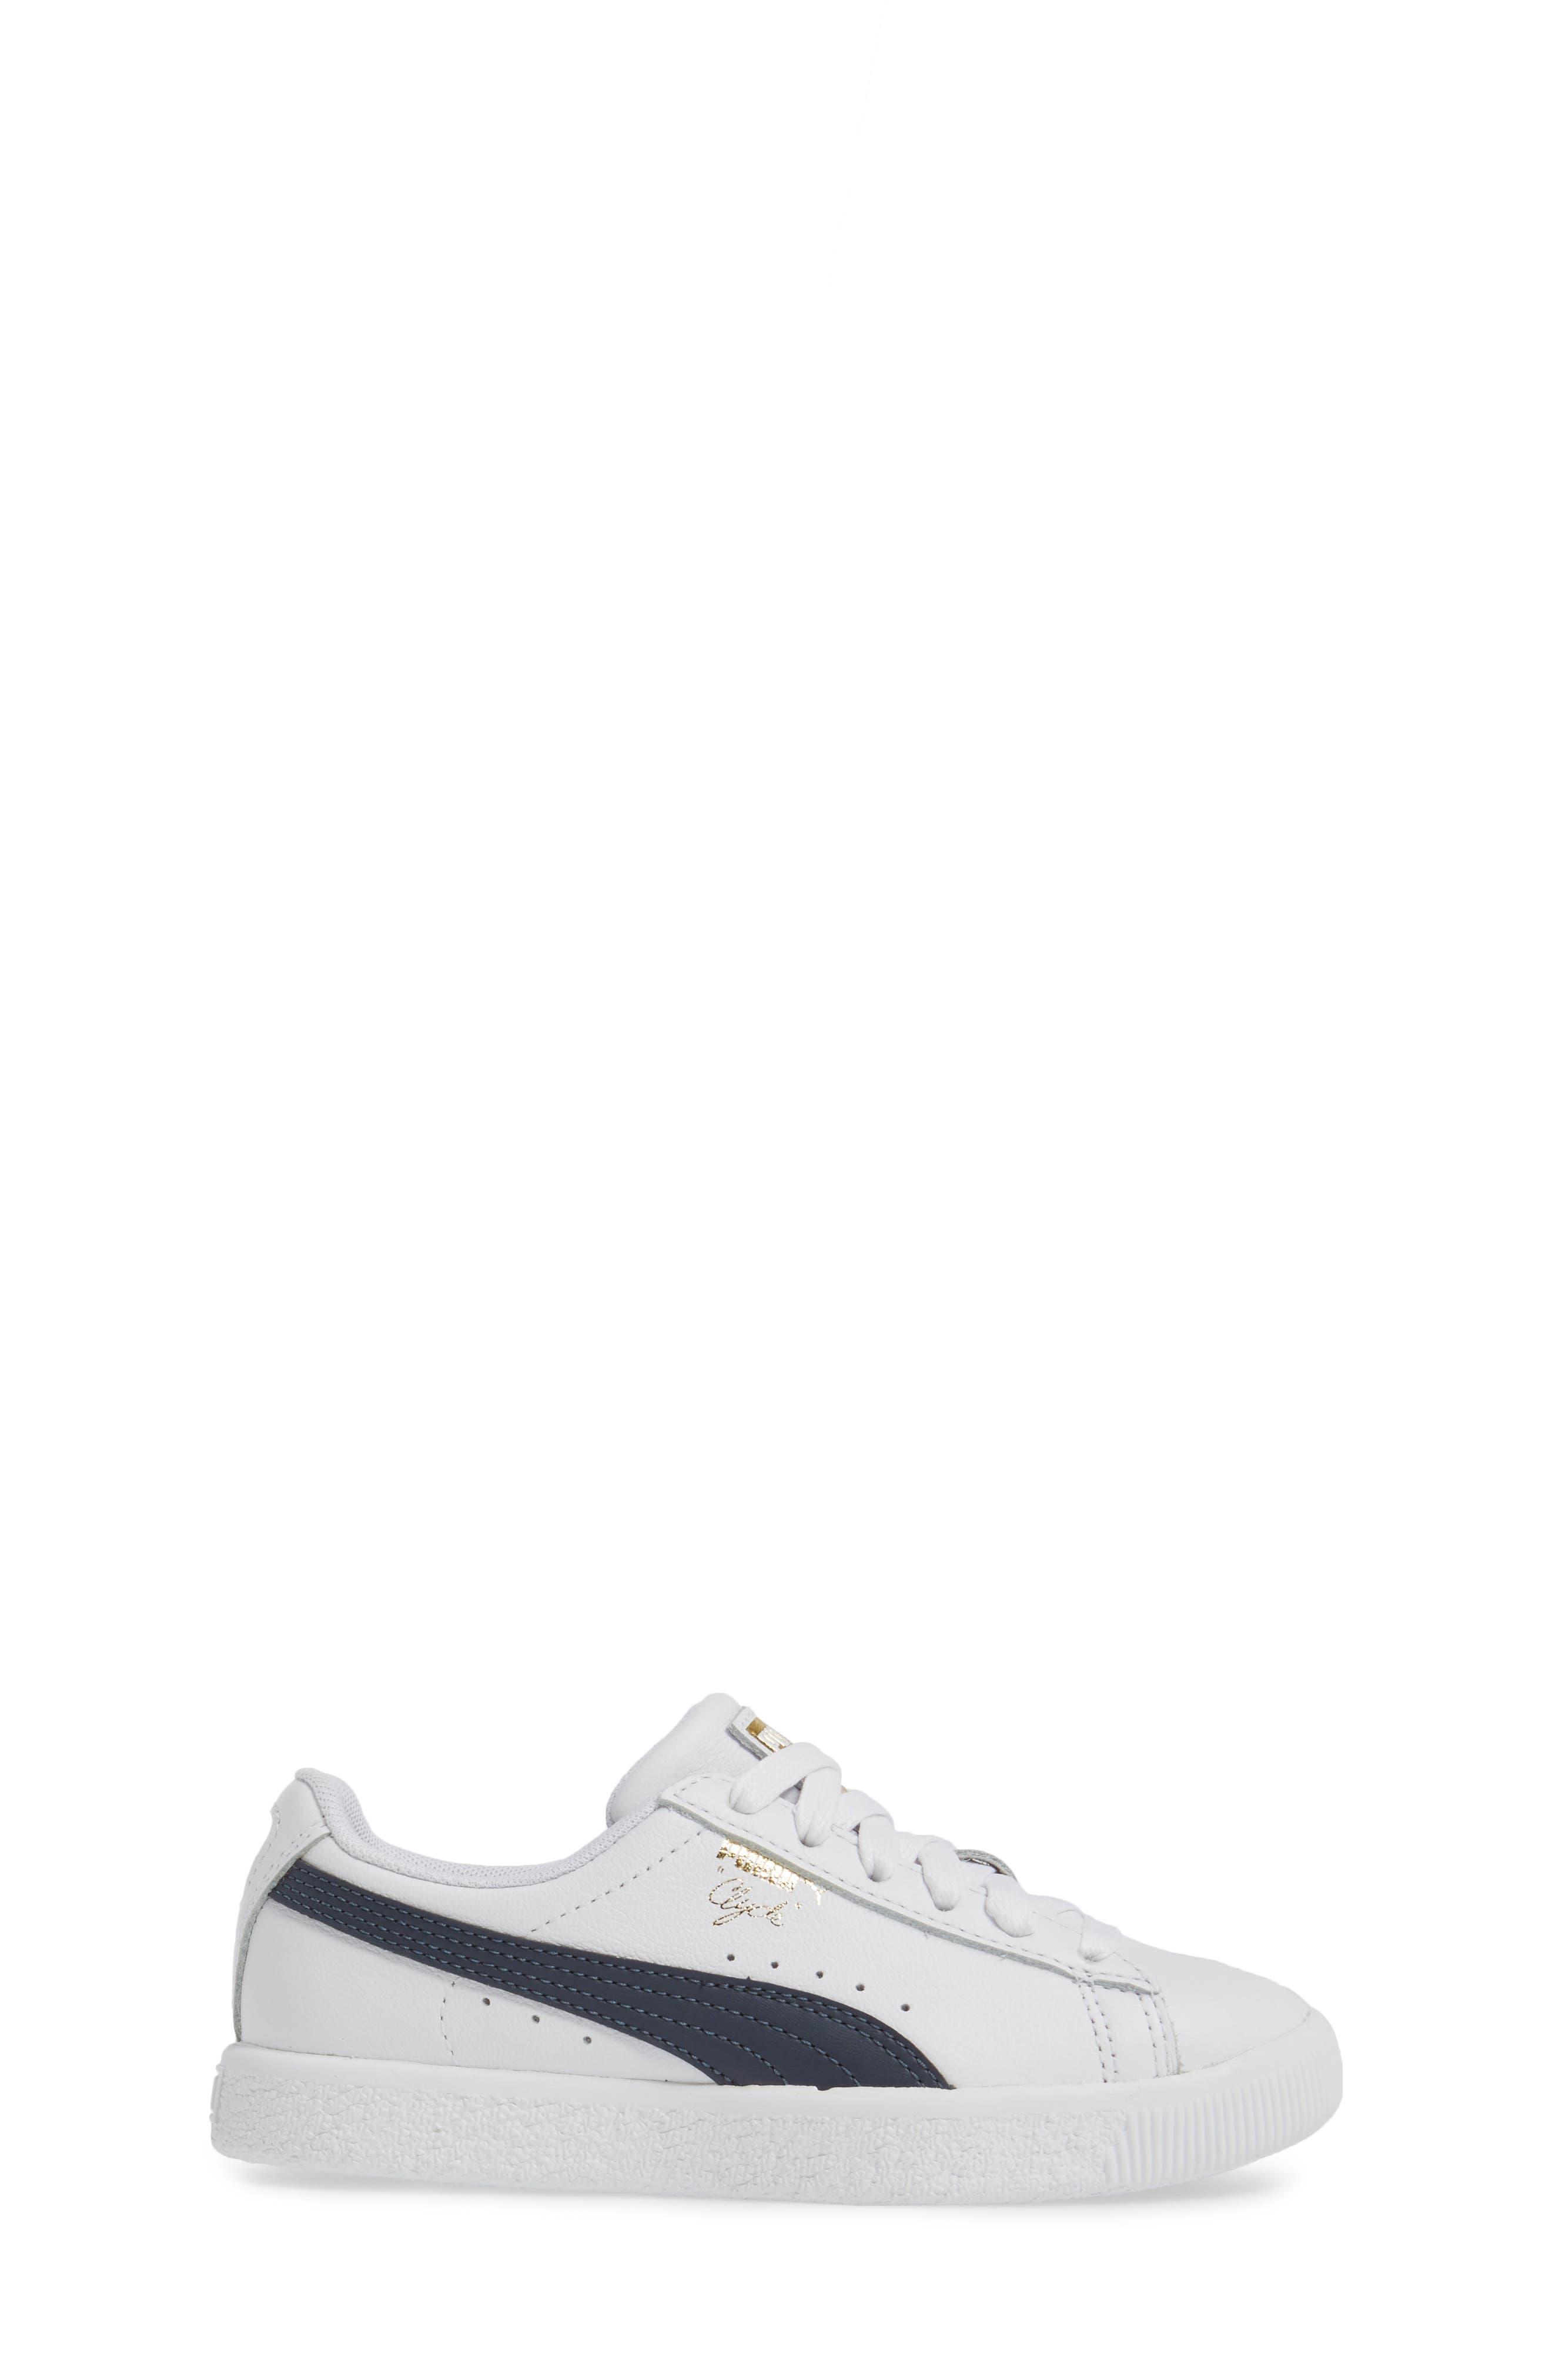 Clyde Core Foil Sneaker,                             Alternate thumbnail 16, color,